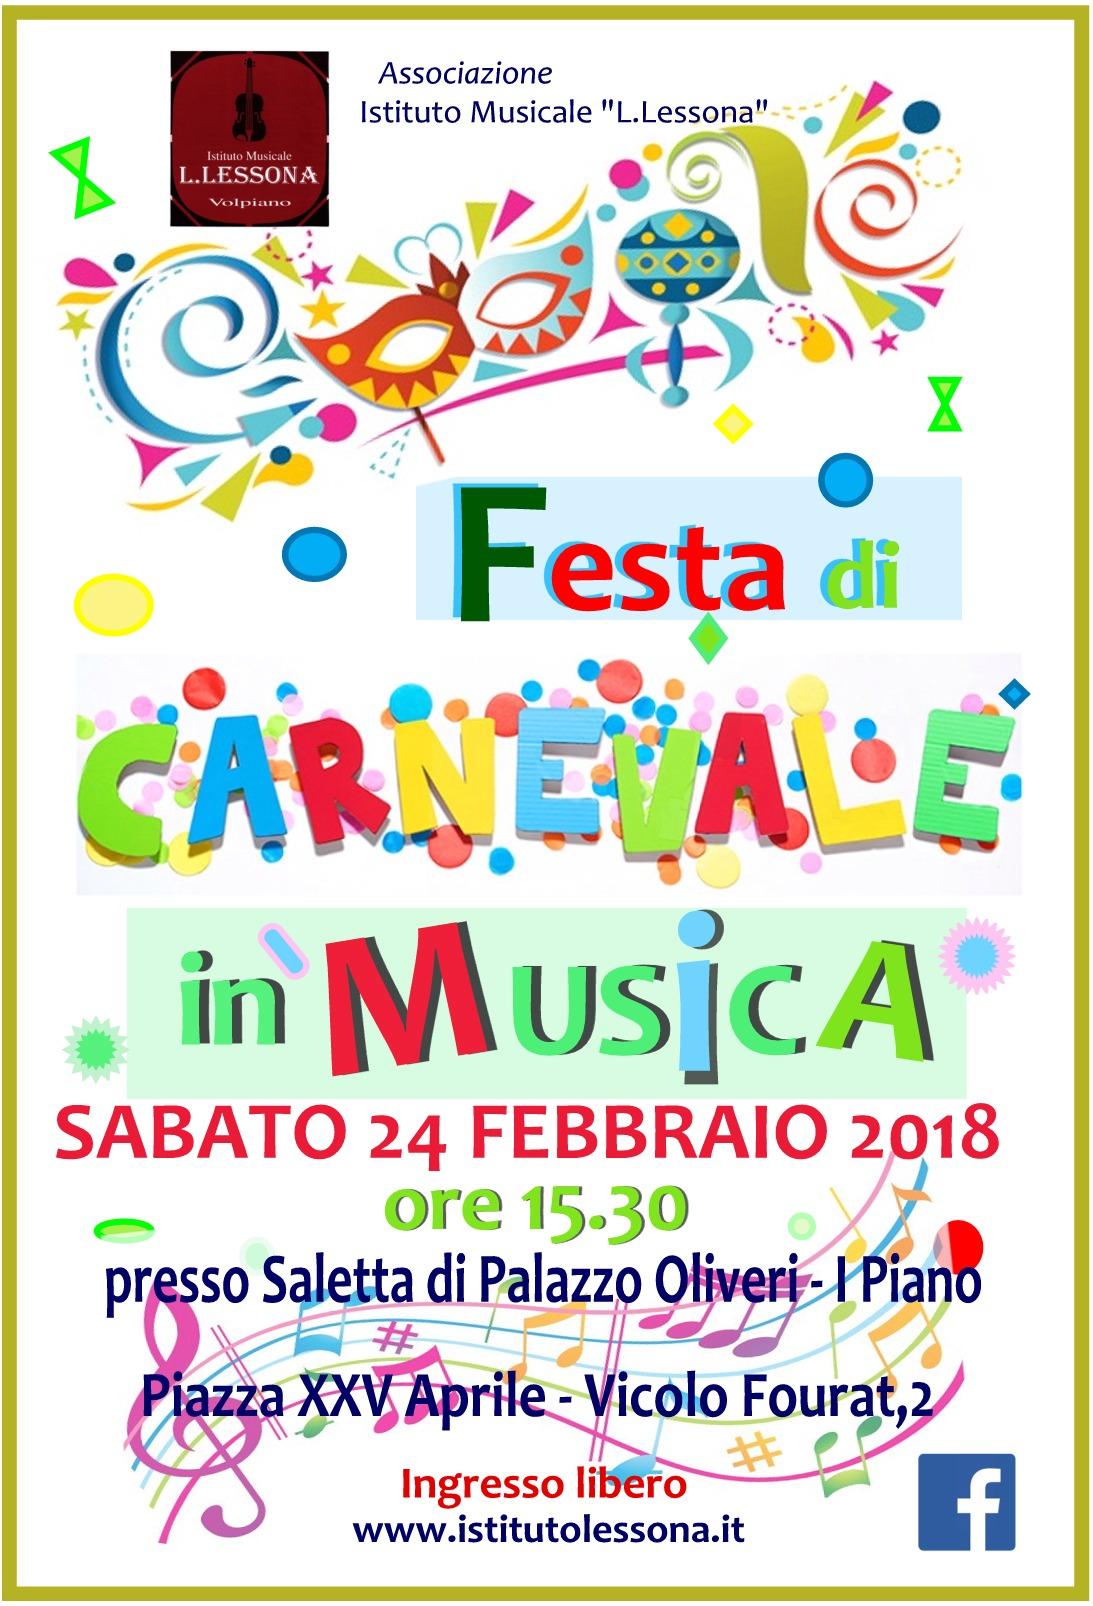 Festa di Carnevale,  sabato 24 febbraio Saggio degli allievi - in sede